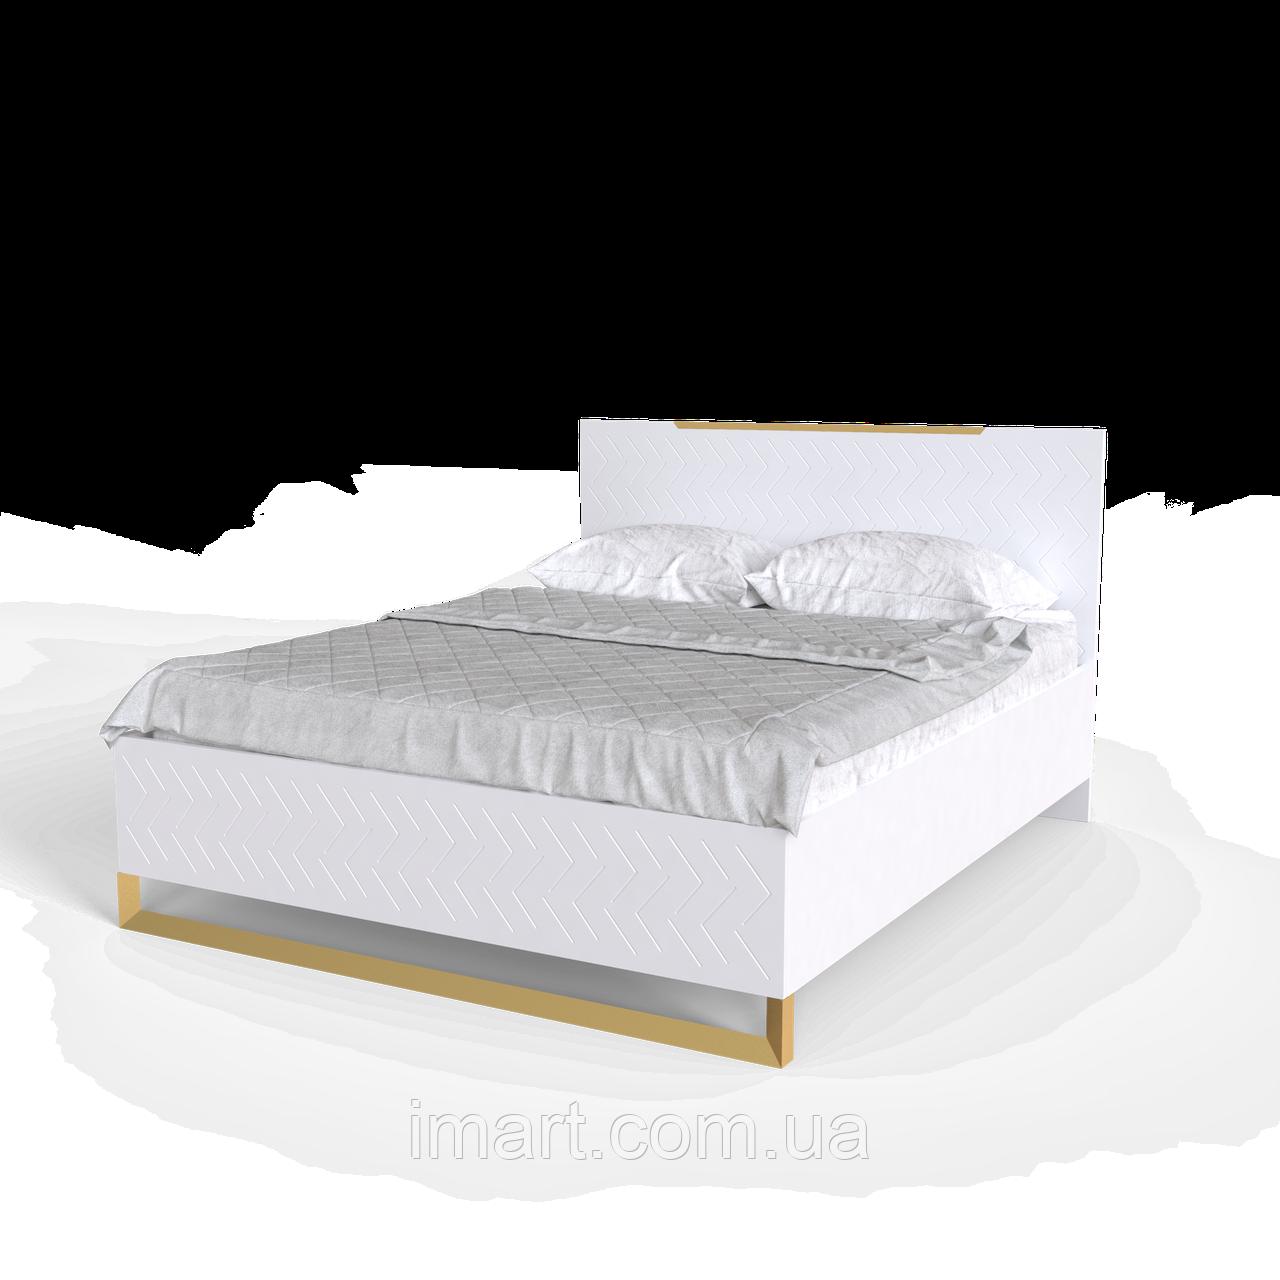 Ліжко Swan Білий супермат (1800*2000)